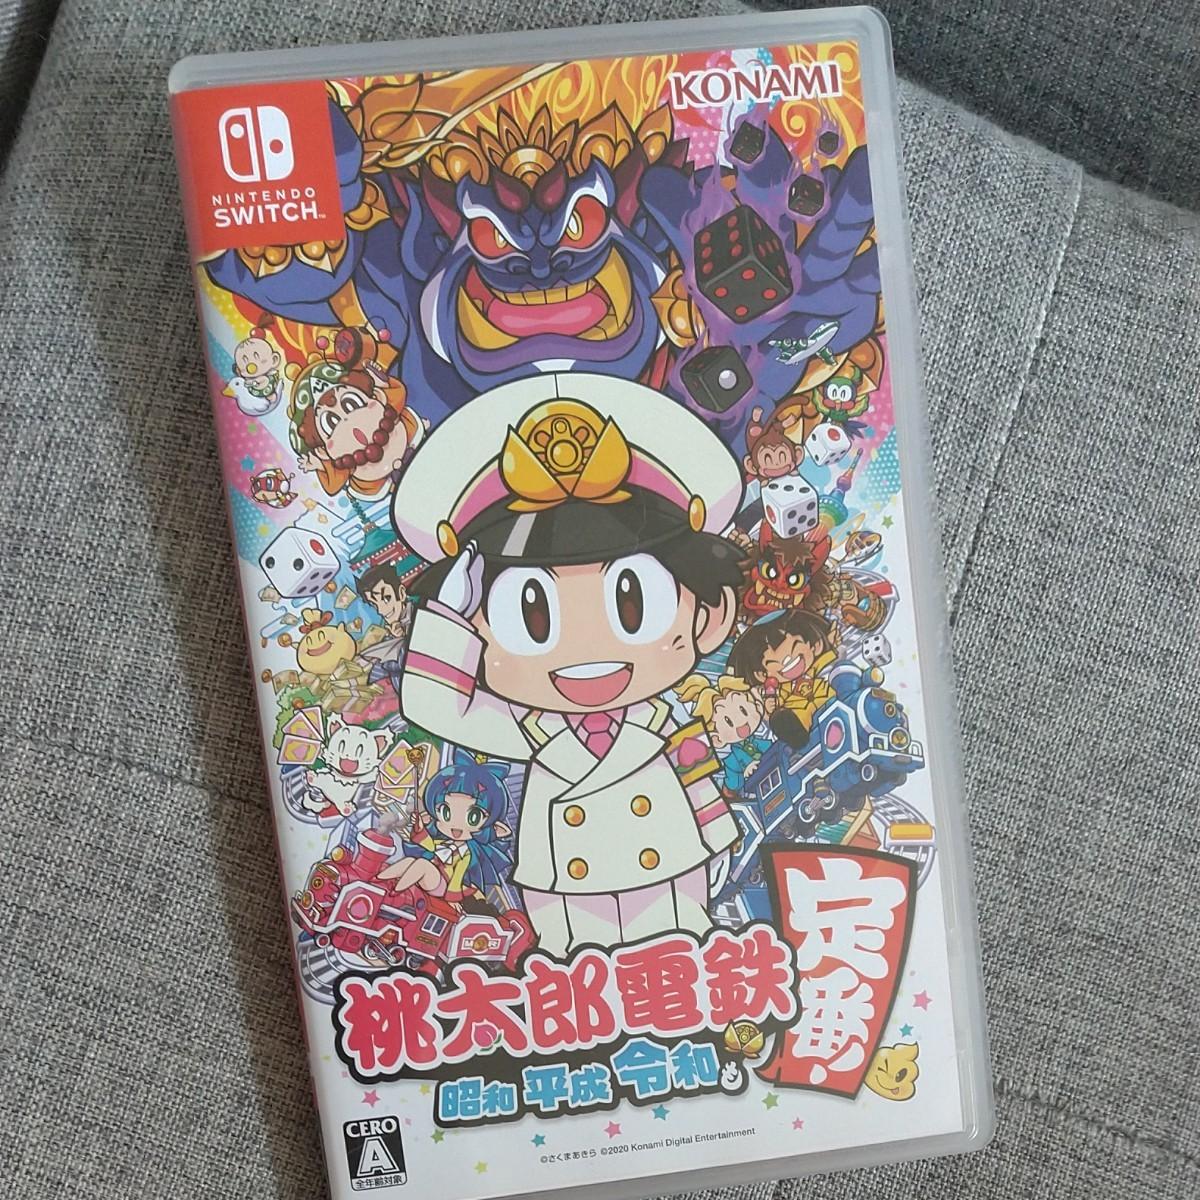 Nintendo Switch ニンテンドースイッチ 任天堂 桃太郎電鉄 ソフト